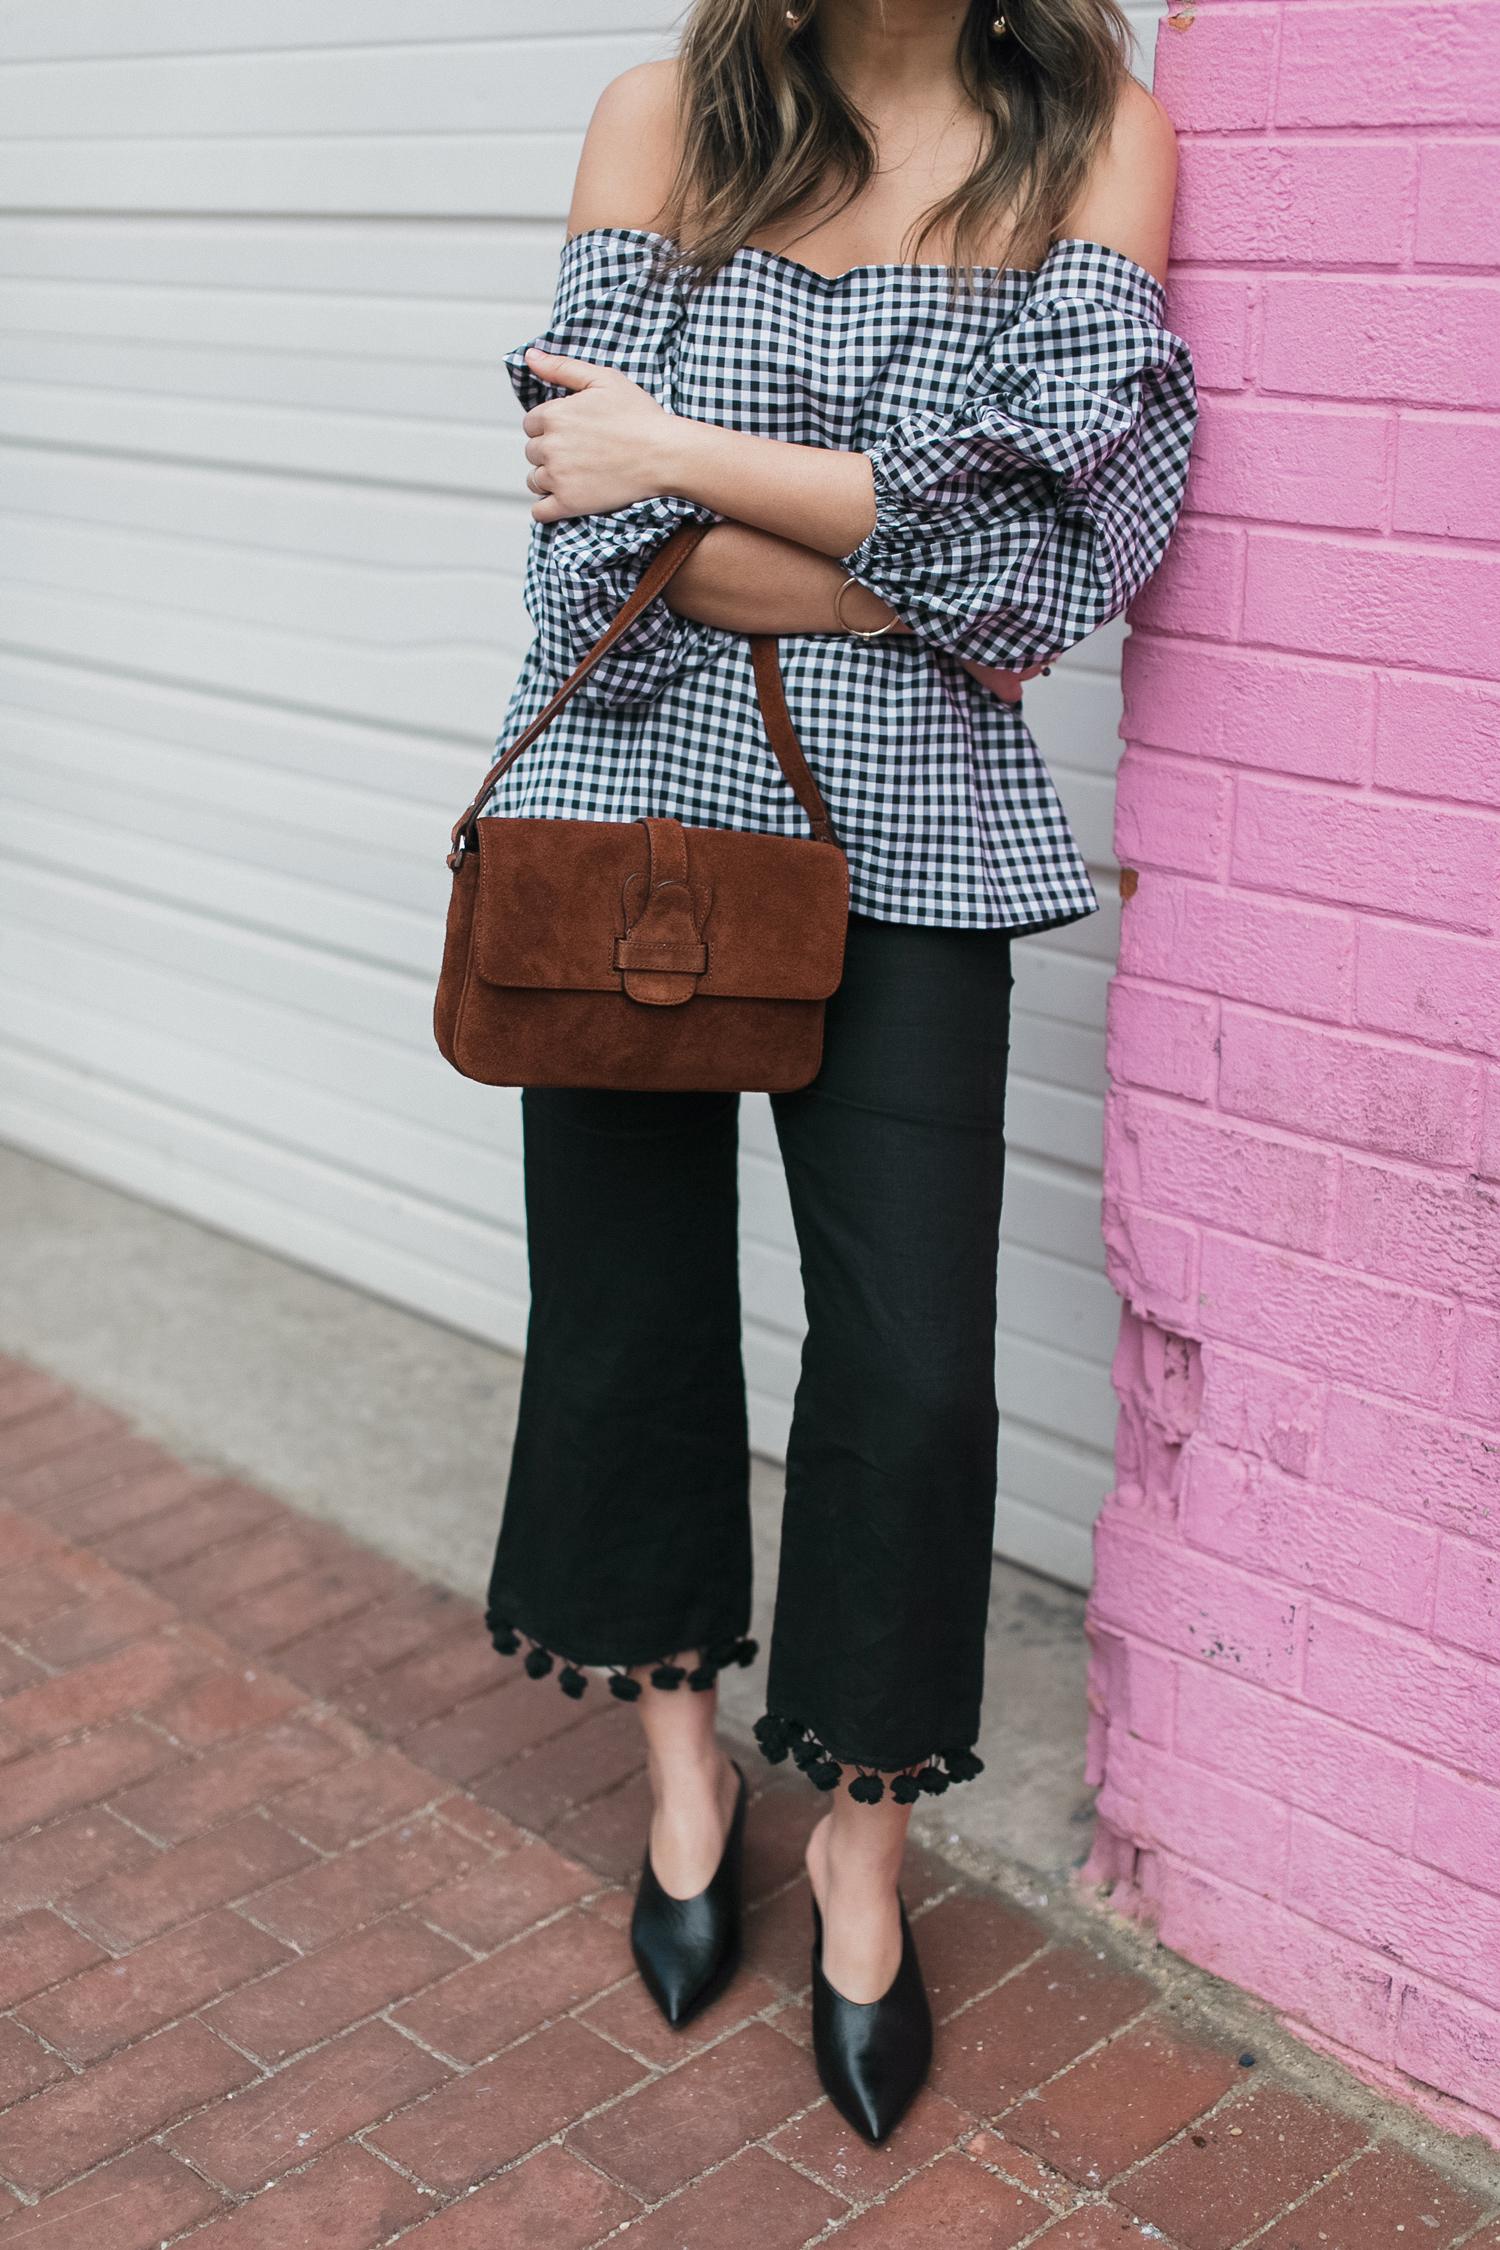 Style MBA Wears Banana Republic Handbag and Zara Pants